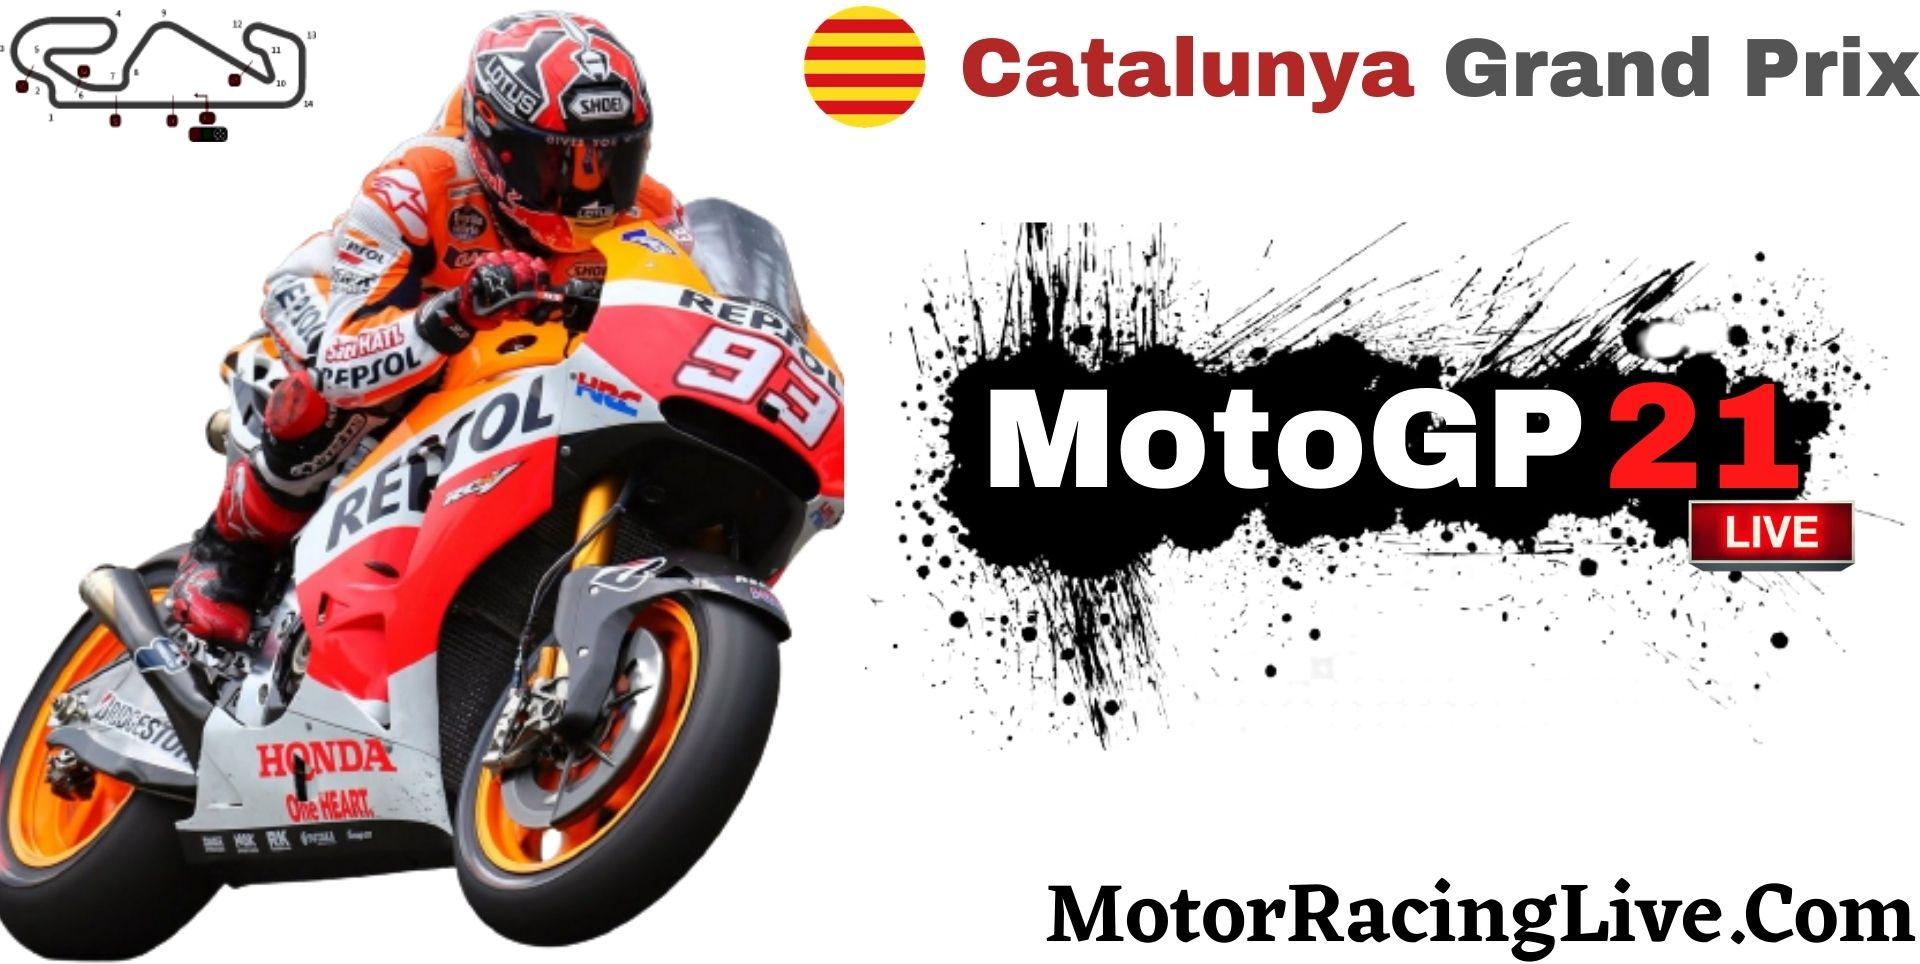 Catalunya Grand Prix MotoGP 2021 Live Stream | Full Race Replay